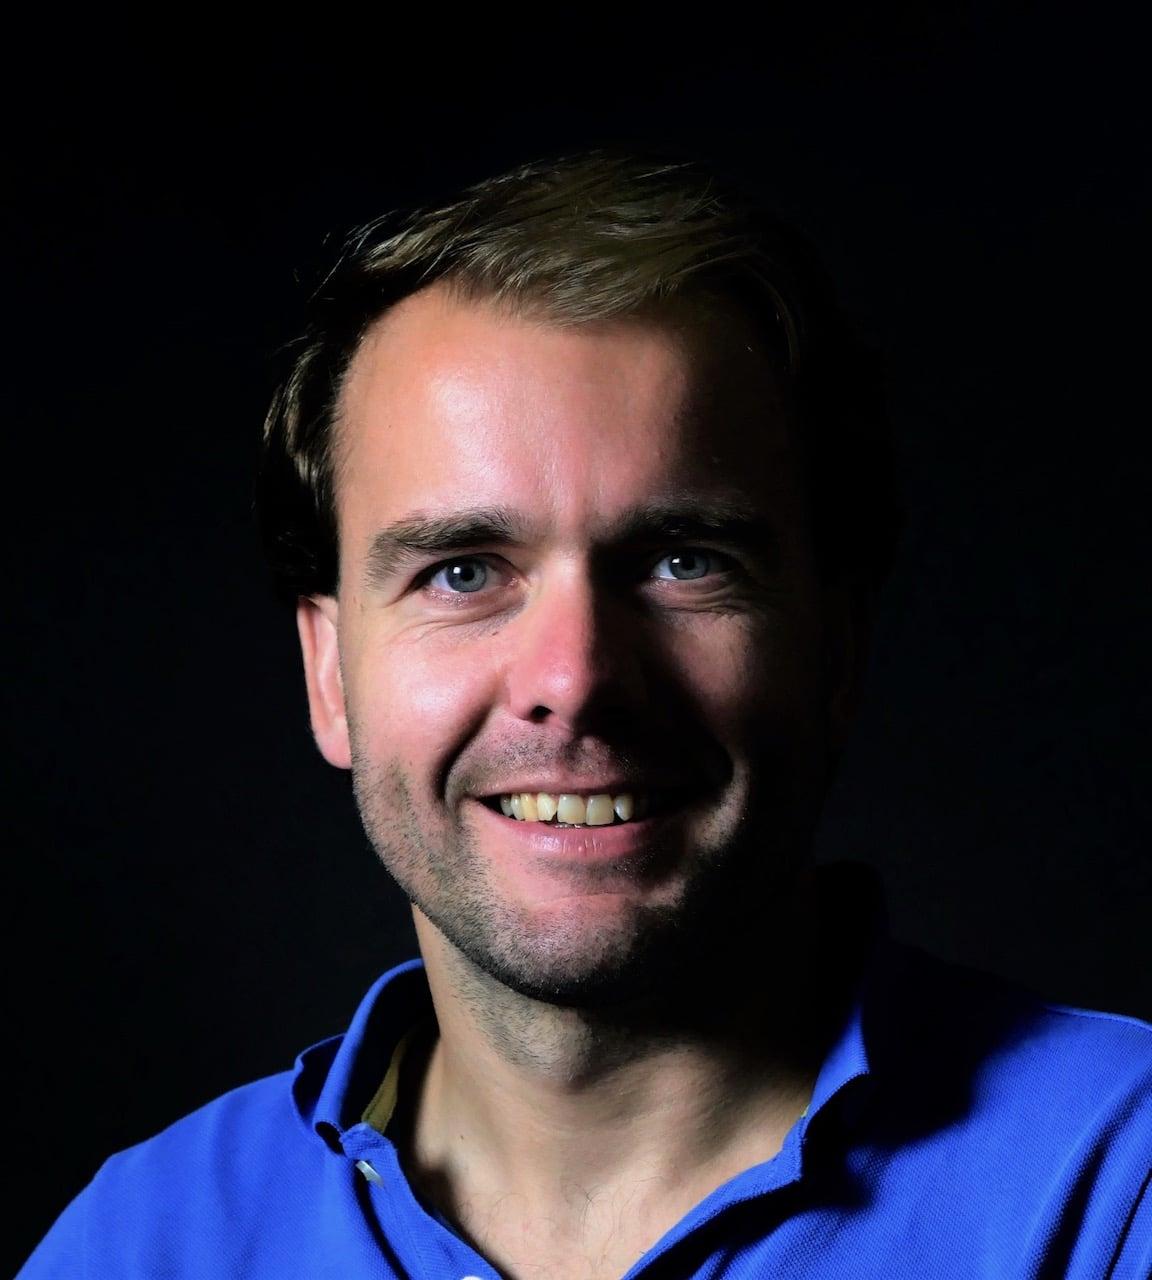 Dirk Dolfin